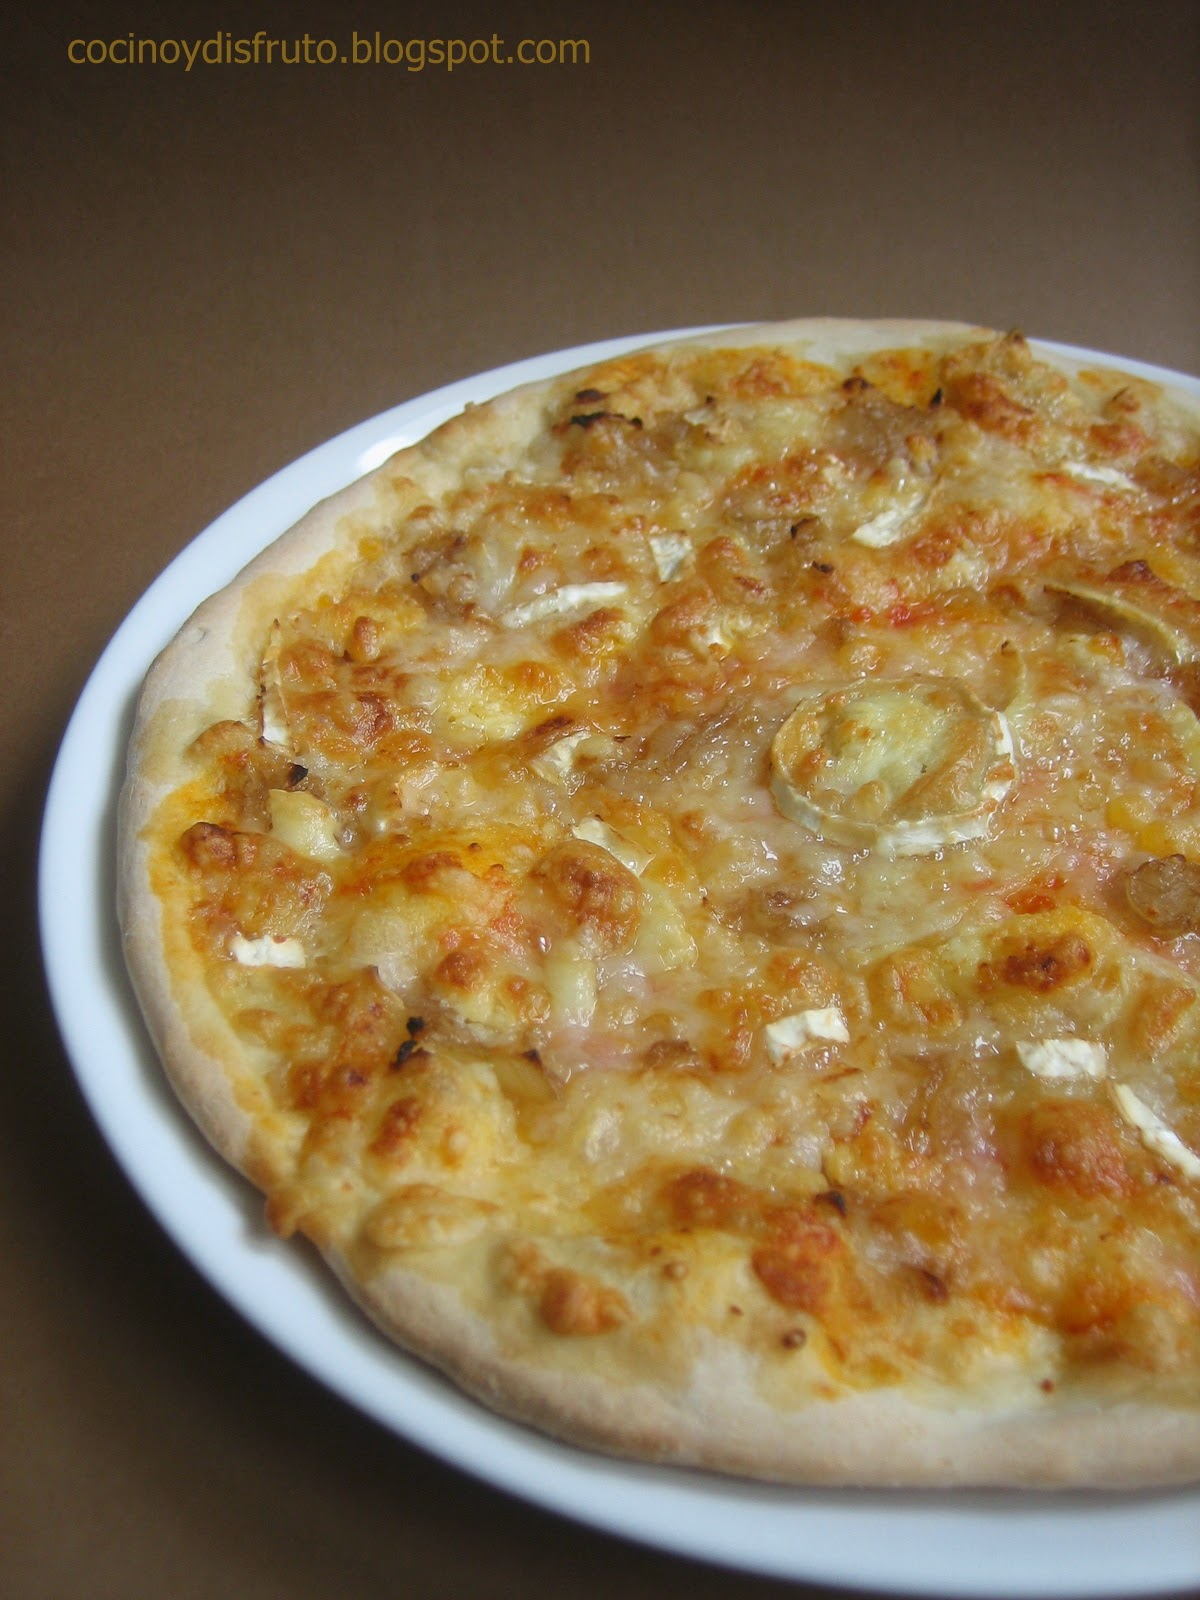 Cocino y disfruto pizza de queso de cabra y cebolla - Queso de cabra y colesterol ...